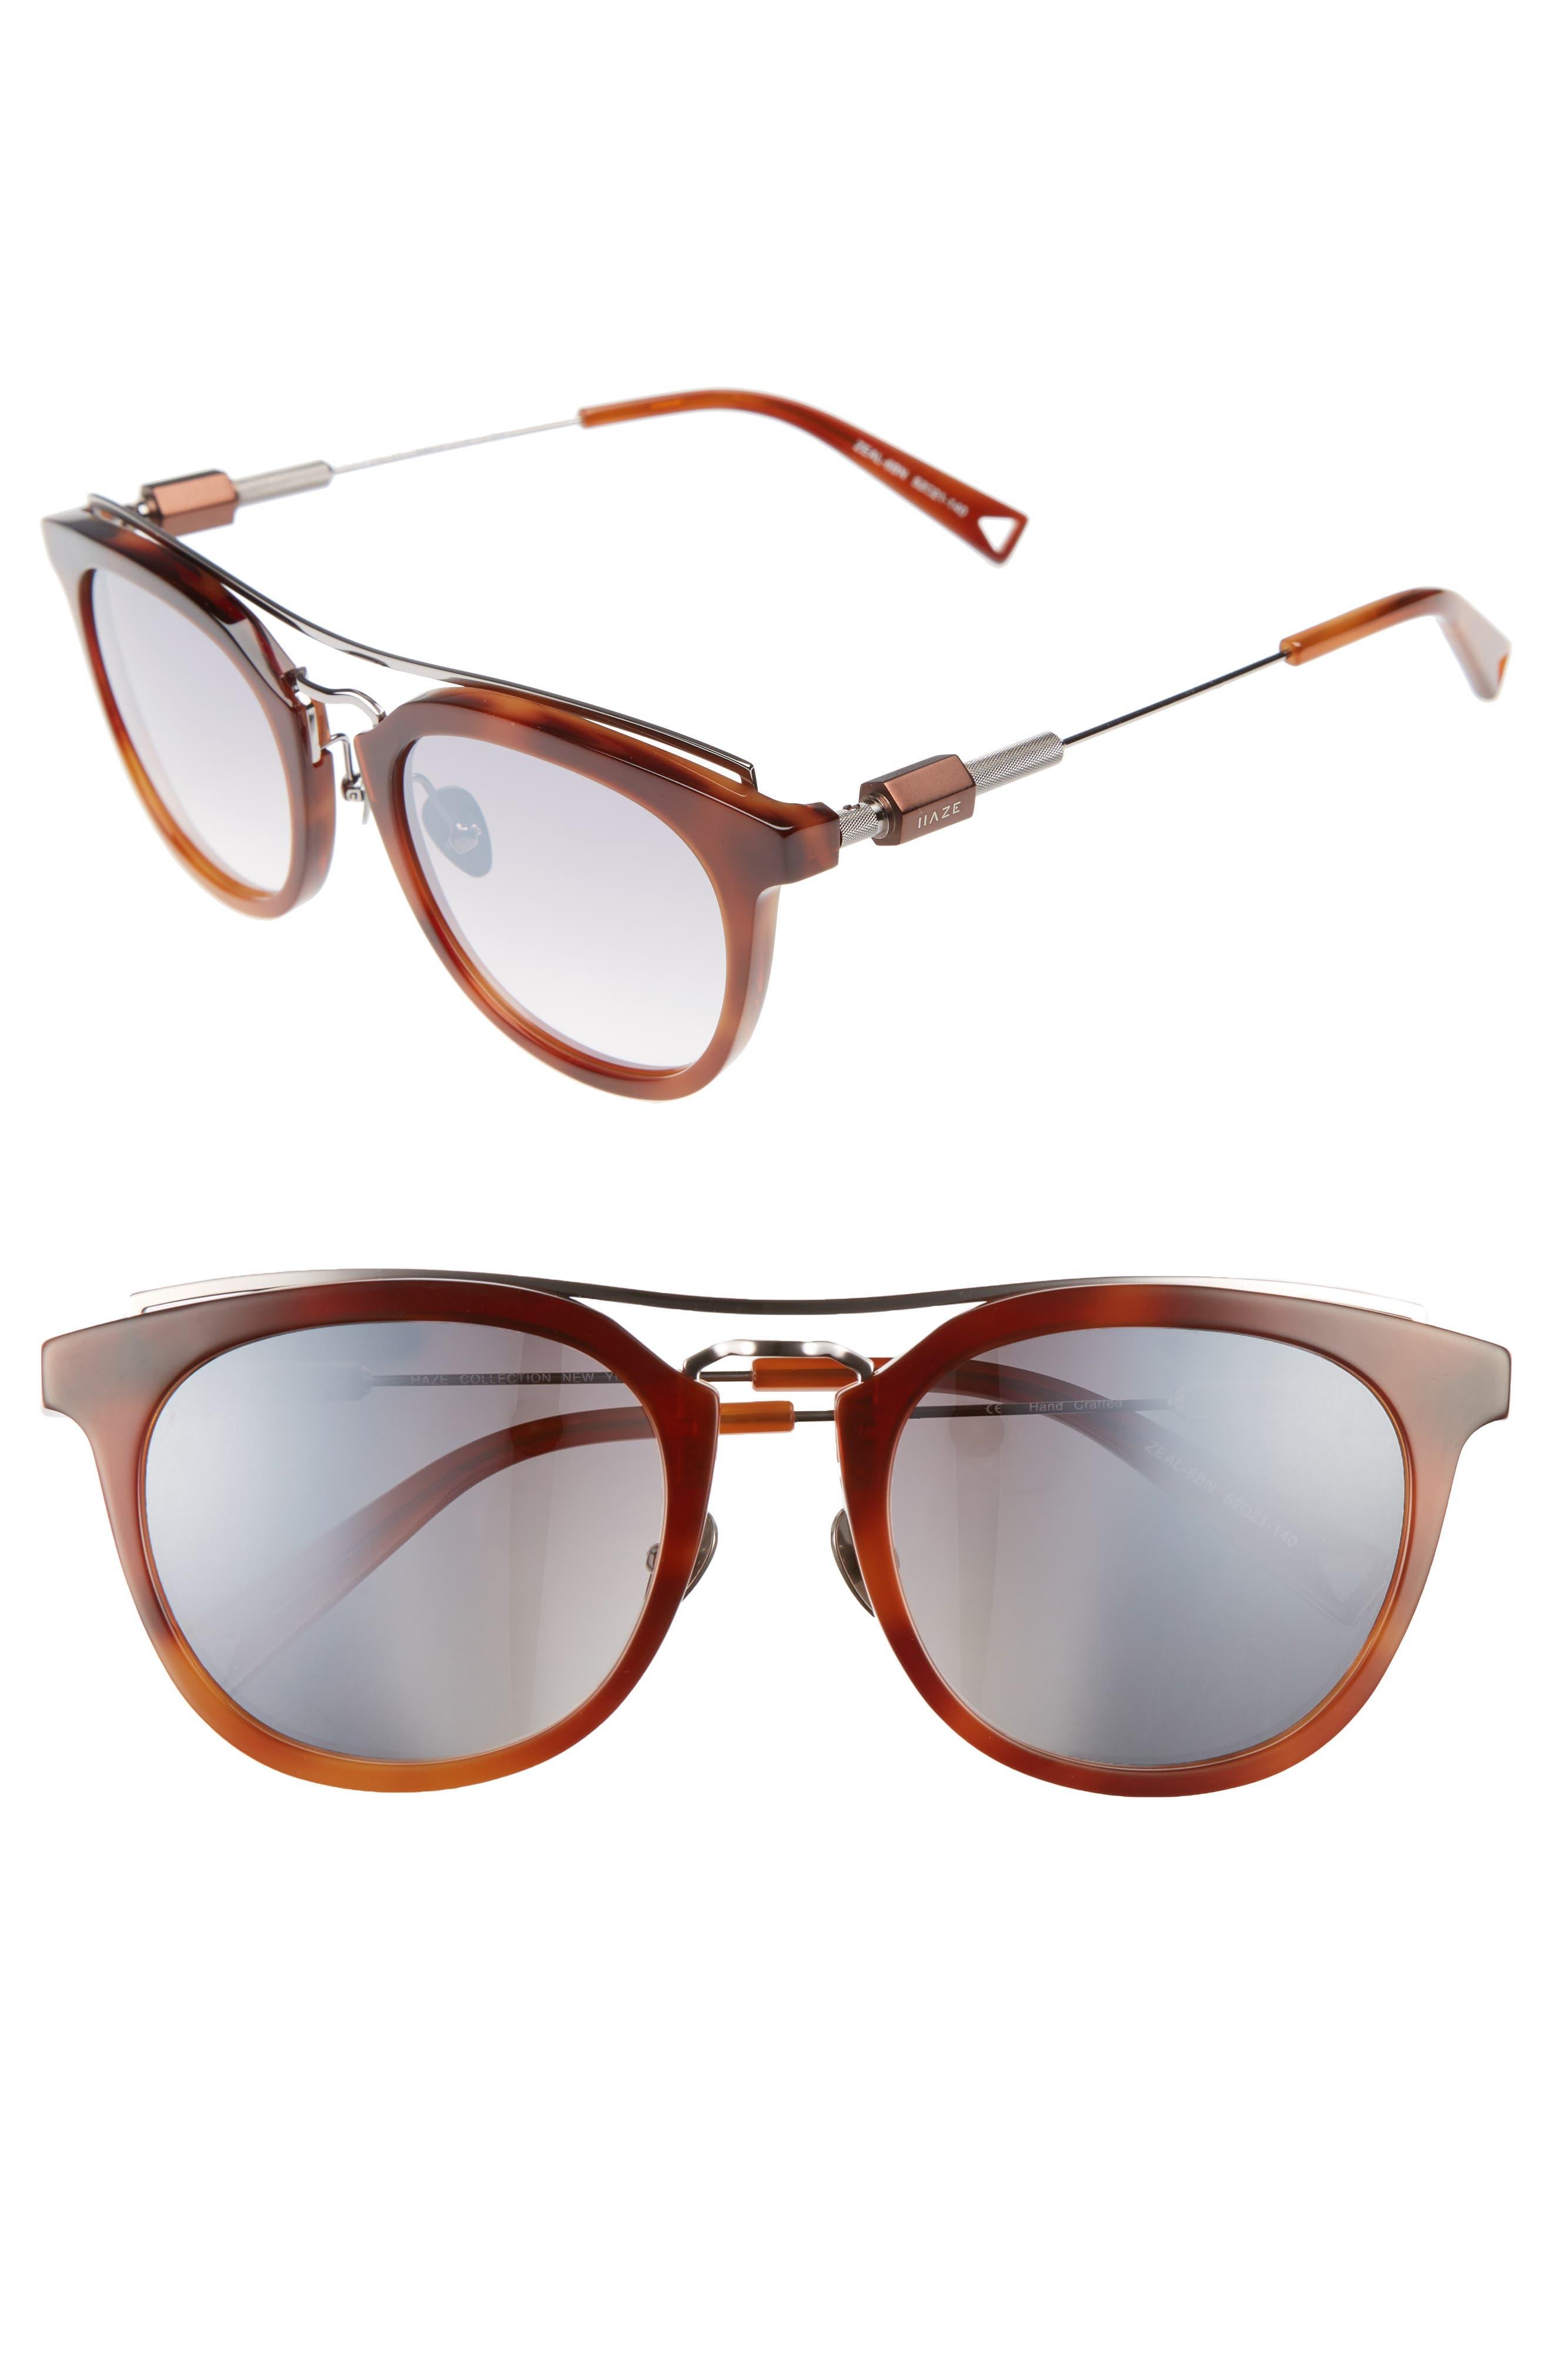 Zeal 52mm Aviator Sunglasses,                         Main,                         color, Amber